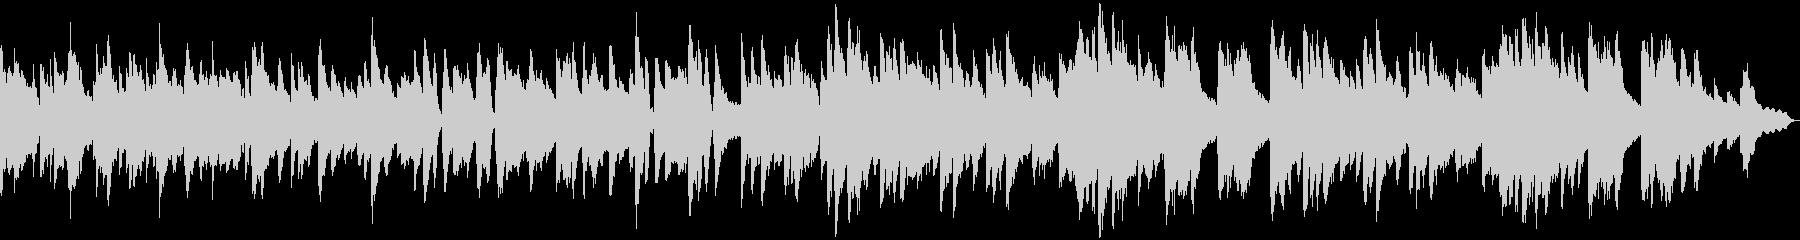 サビが感動的なピアノソロ・バラードの未再生の波形